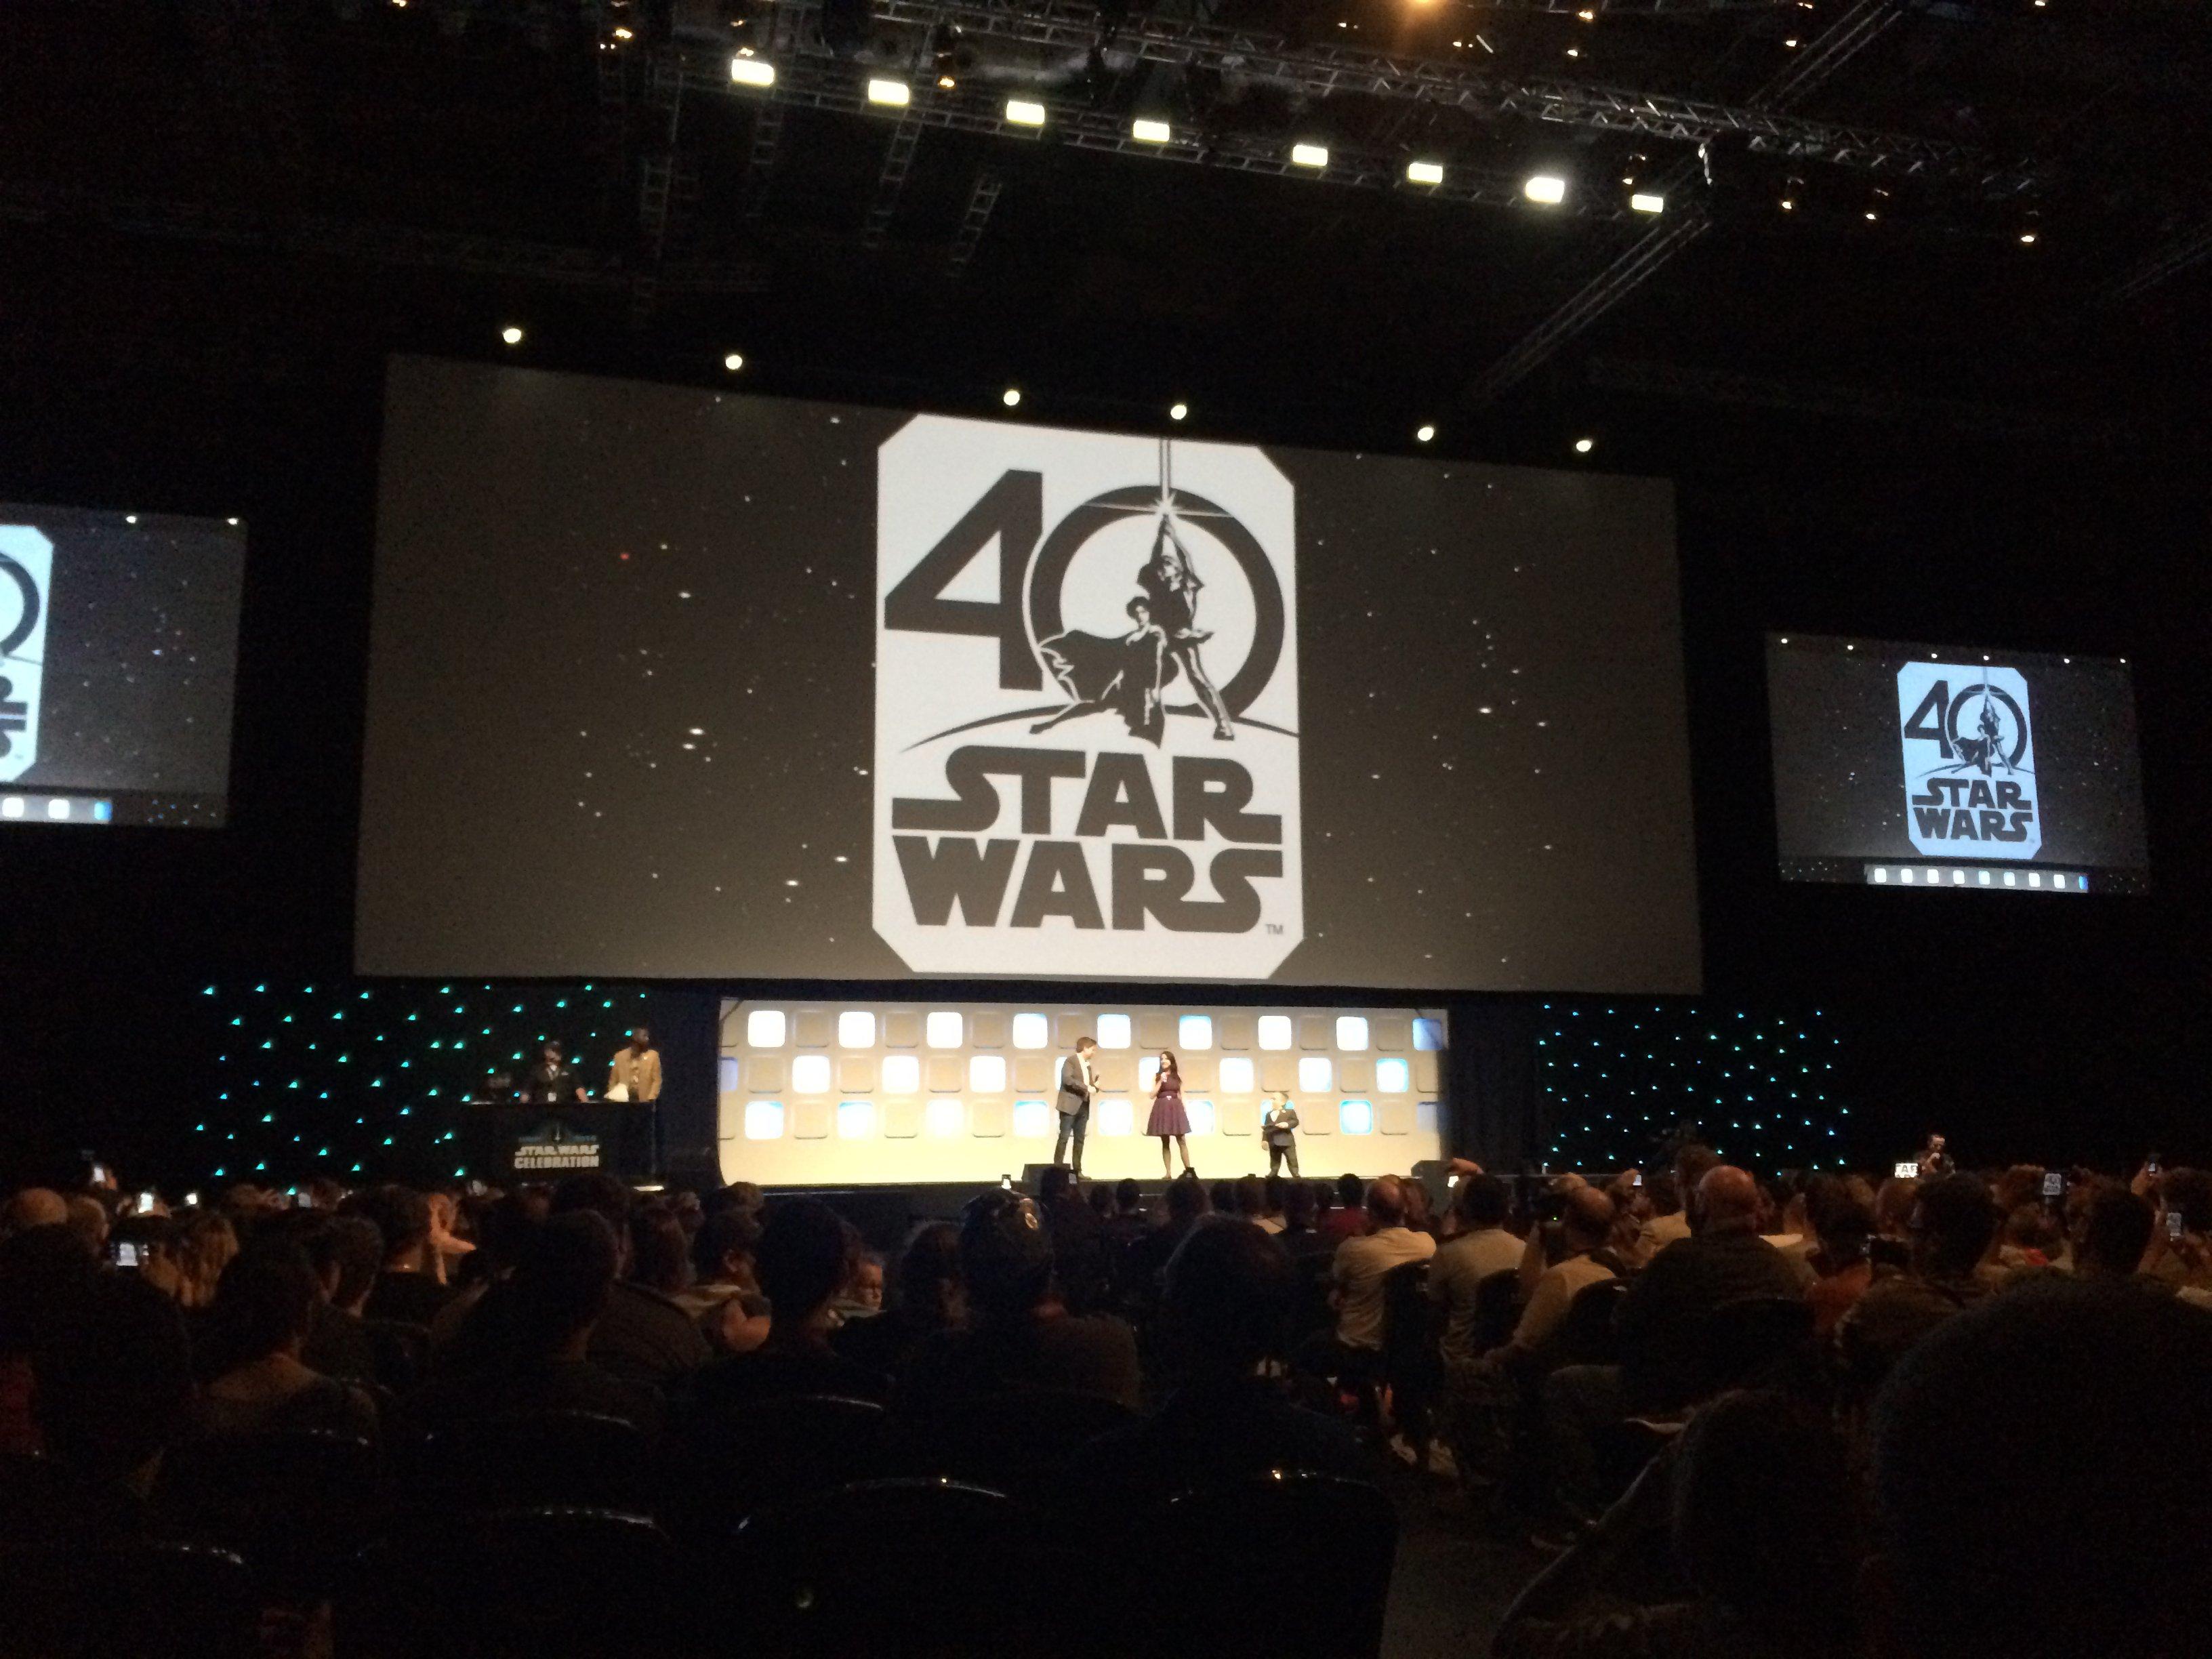 the-logo-for-star-wars-40th-anniversary-in-2017-ruel-s-de-vera